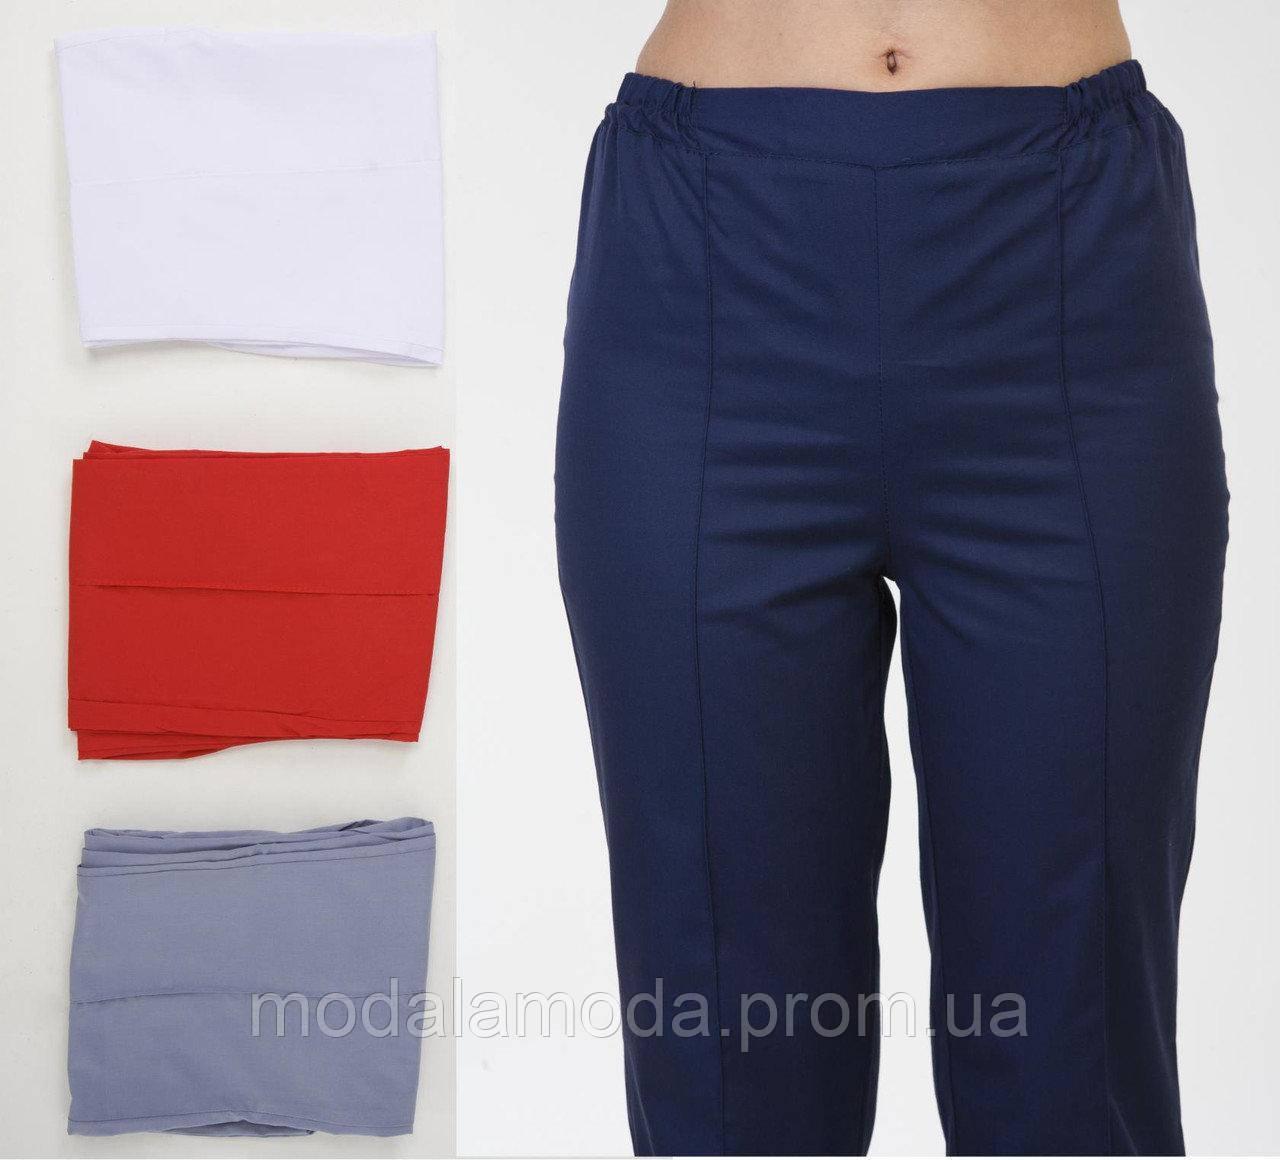 Медицинские штаны из батиста с качественным пошивом